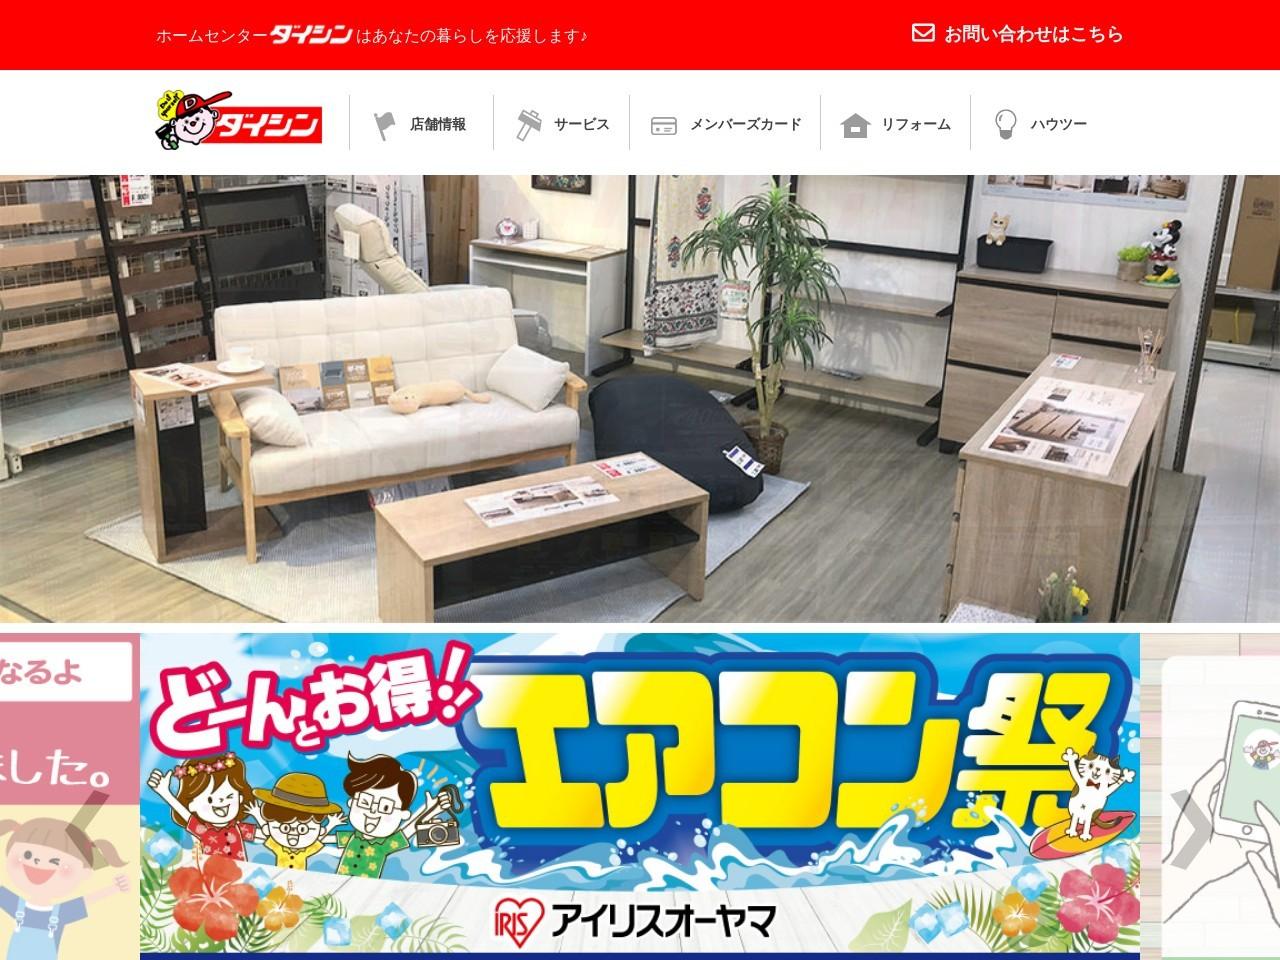 http://diy-daishin.co.jp/shop/data_saiwai.html